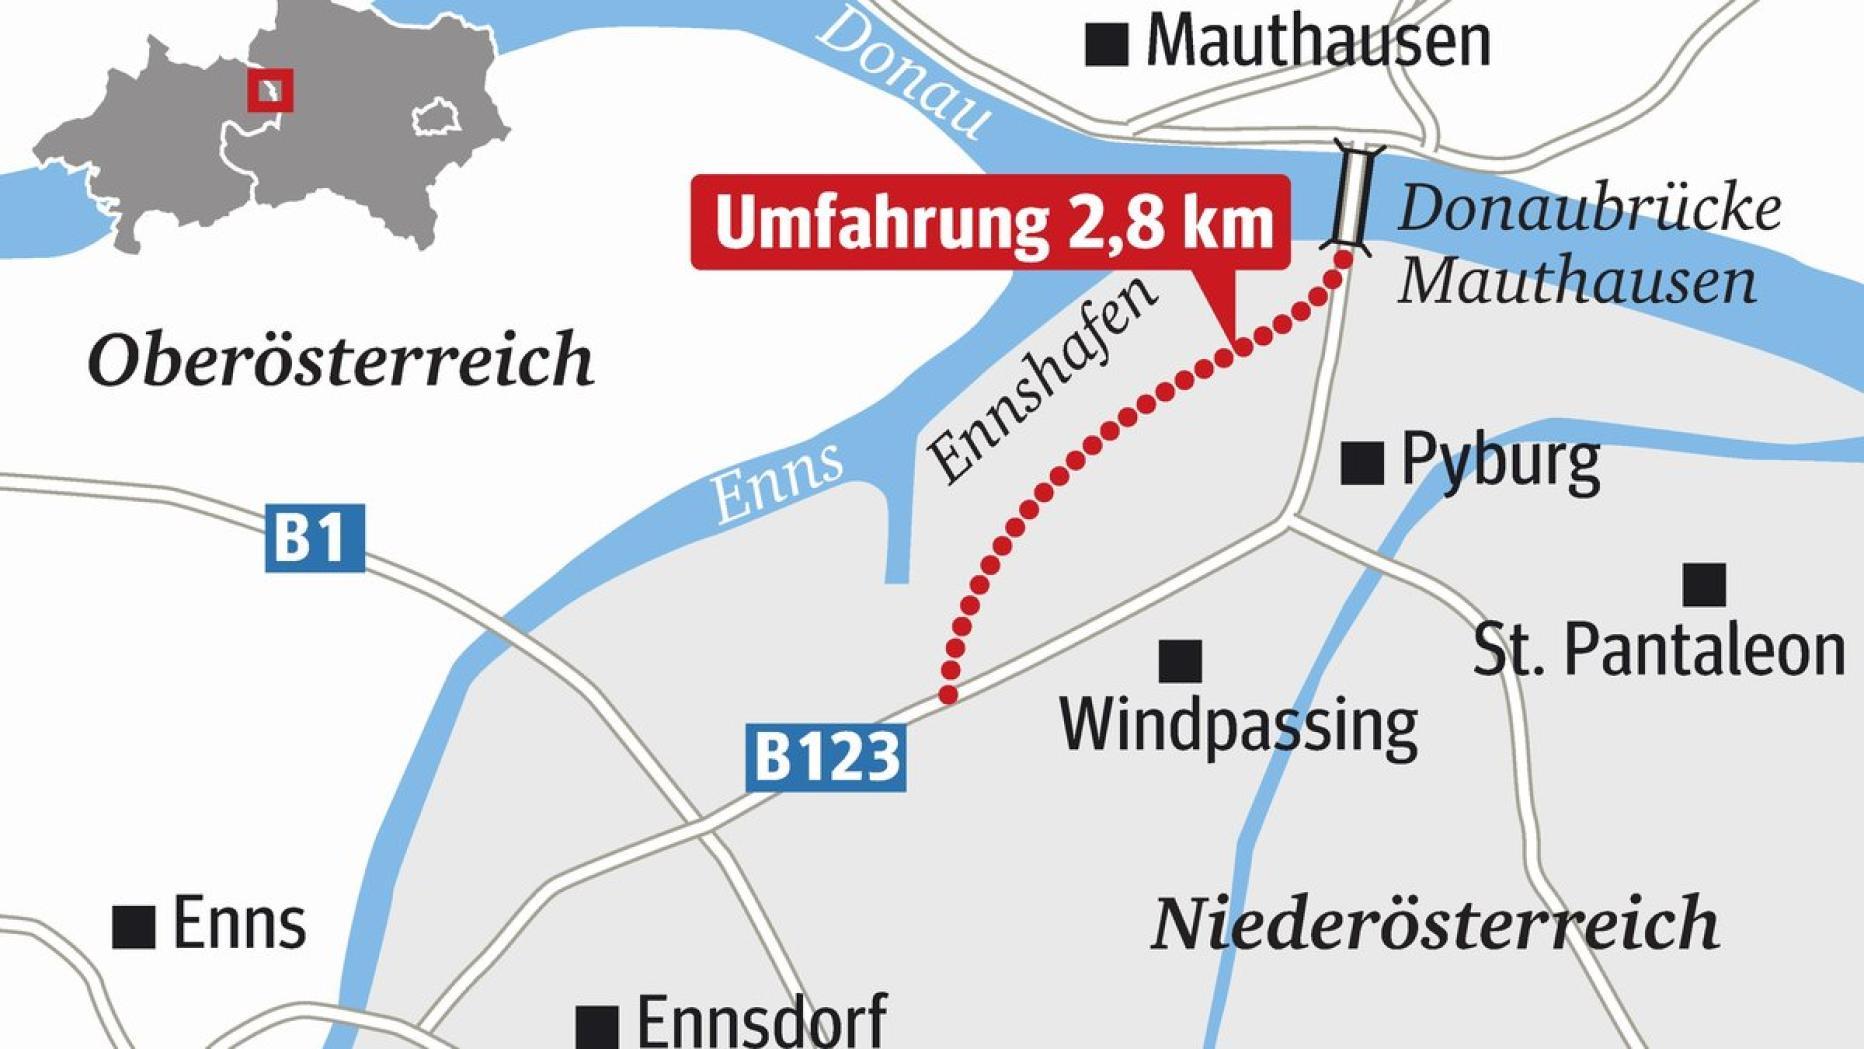 Partnersuche meine stadt aschbach-markt: Ennsdorf partnersuche